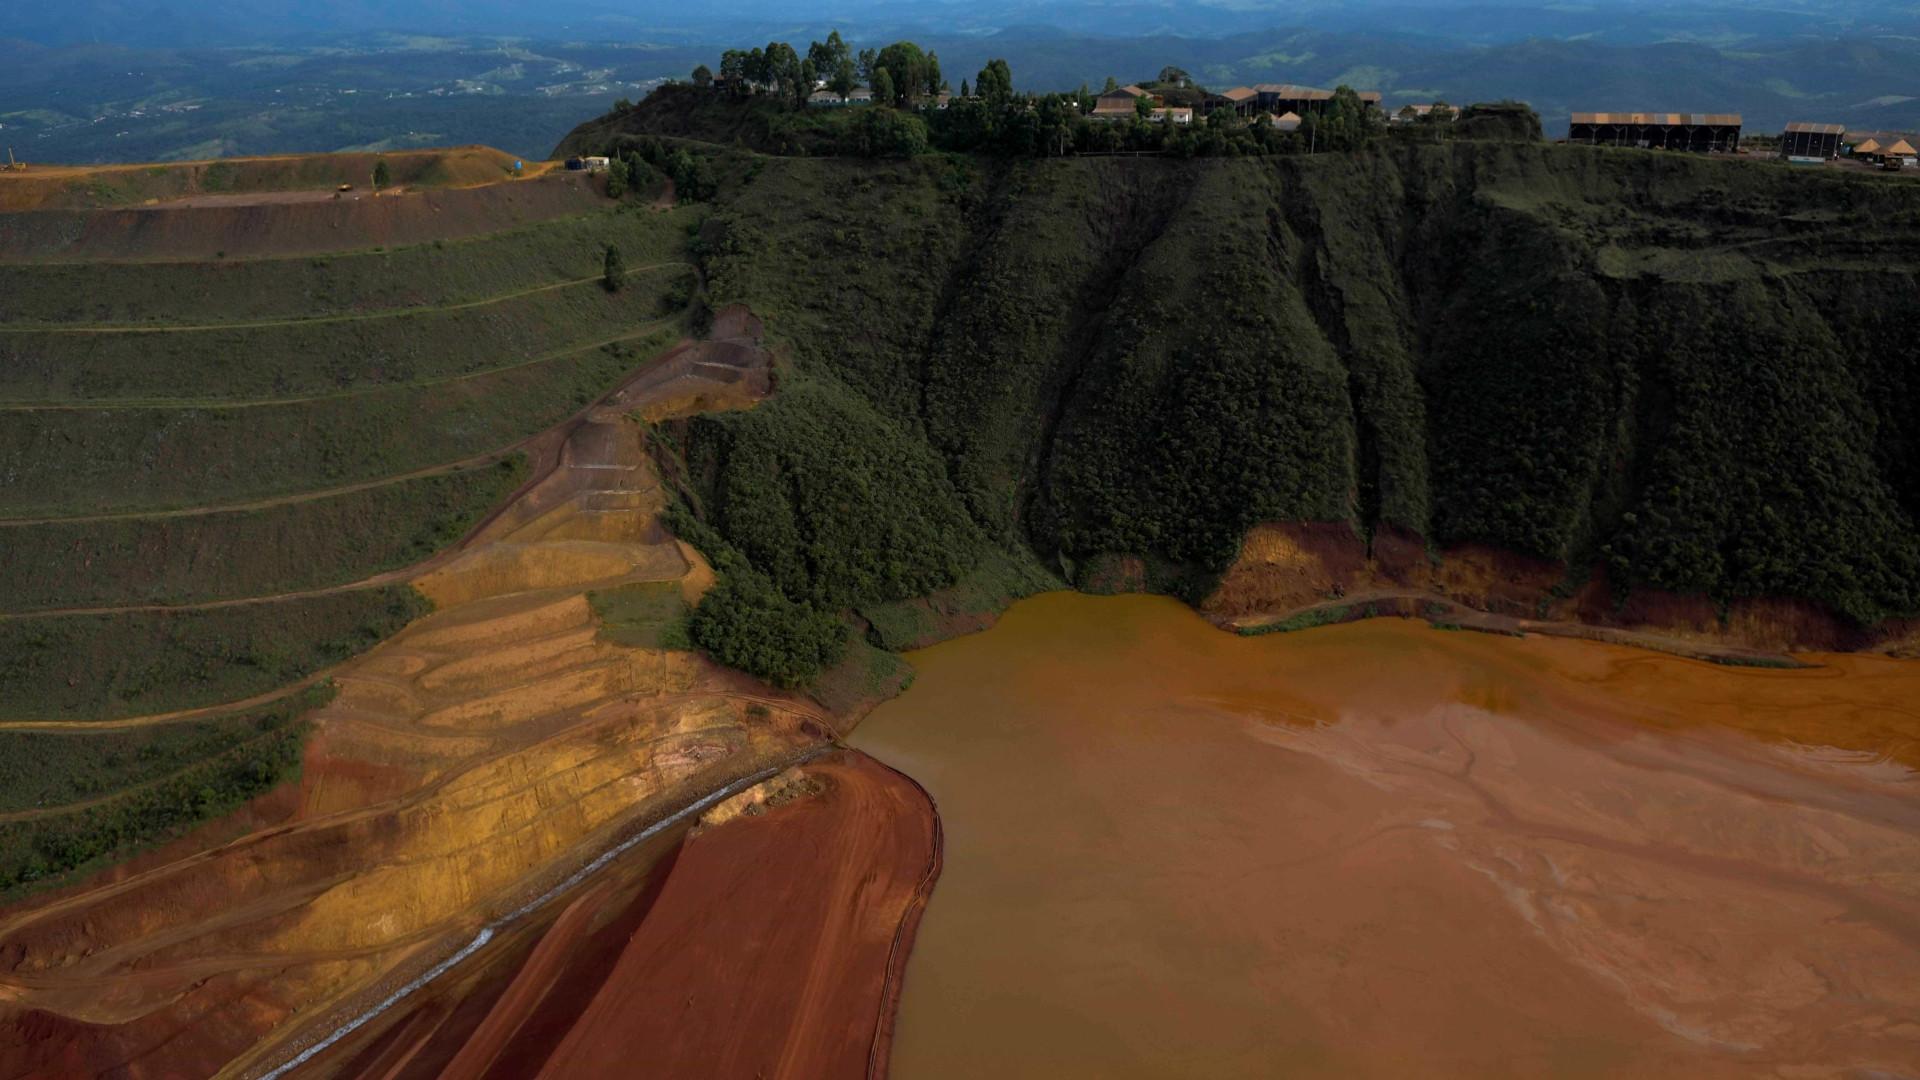 a7c1ce2642e68 Risco de rompimento foi citado em tensa reunião que aprovou barragem